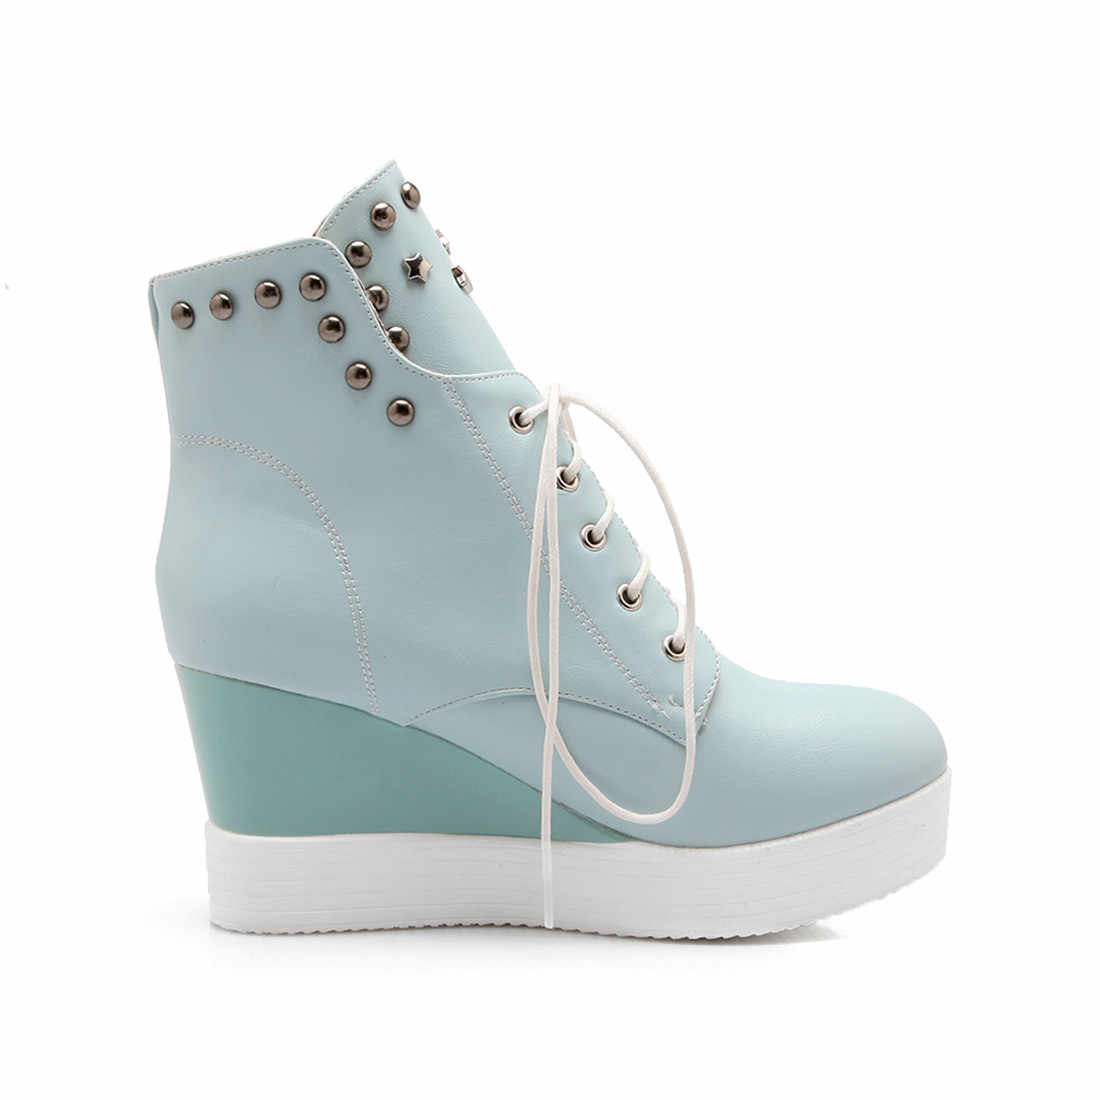 SARAIRIS ขาย plus ขนาด 33-42 lace up wedge รองเท้าส้นสูงรองเท้าข้อเท้ารองเท้าผู้หญิงรองเท้าแพลตฟอร์มเพิ่มขนสัตว์ฤดูหนาวรองเท้าผู้หญิงรองเท้า